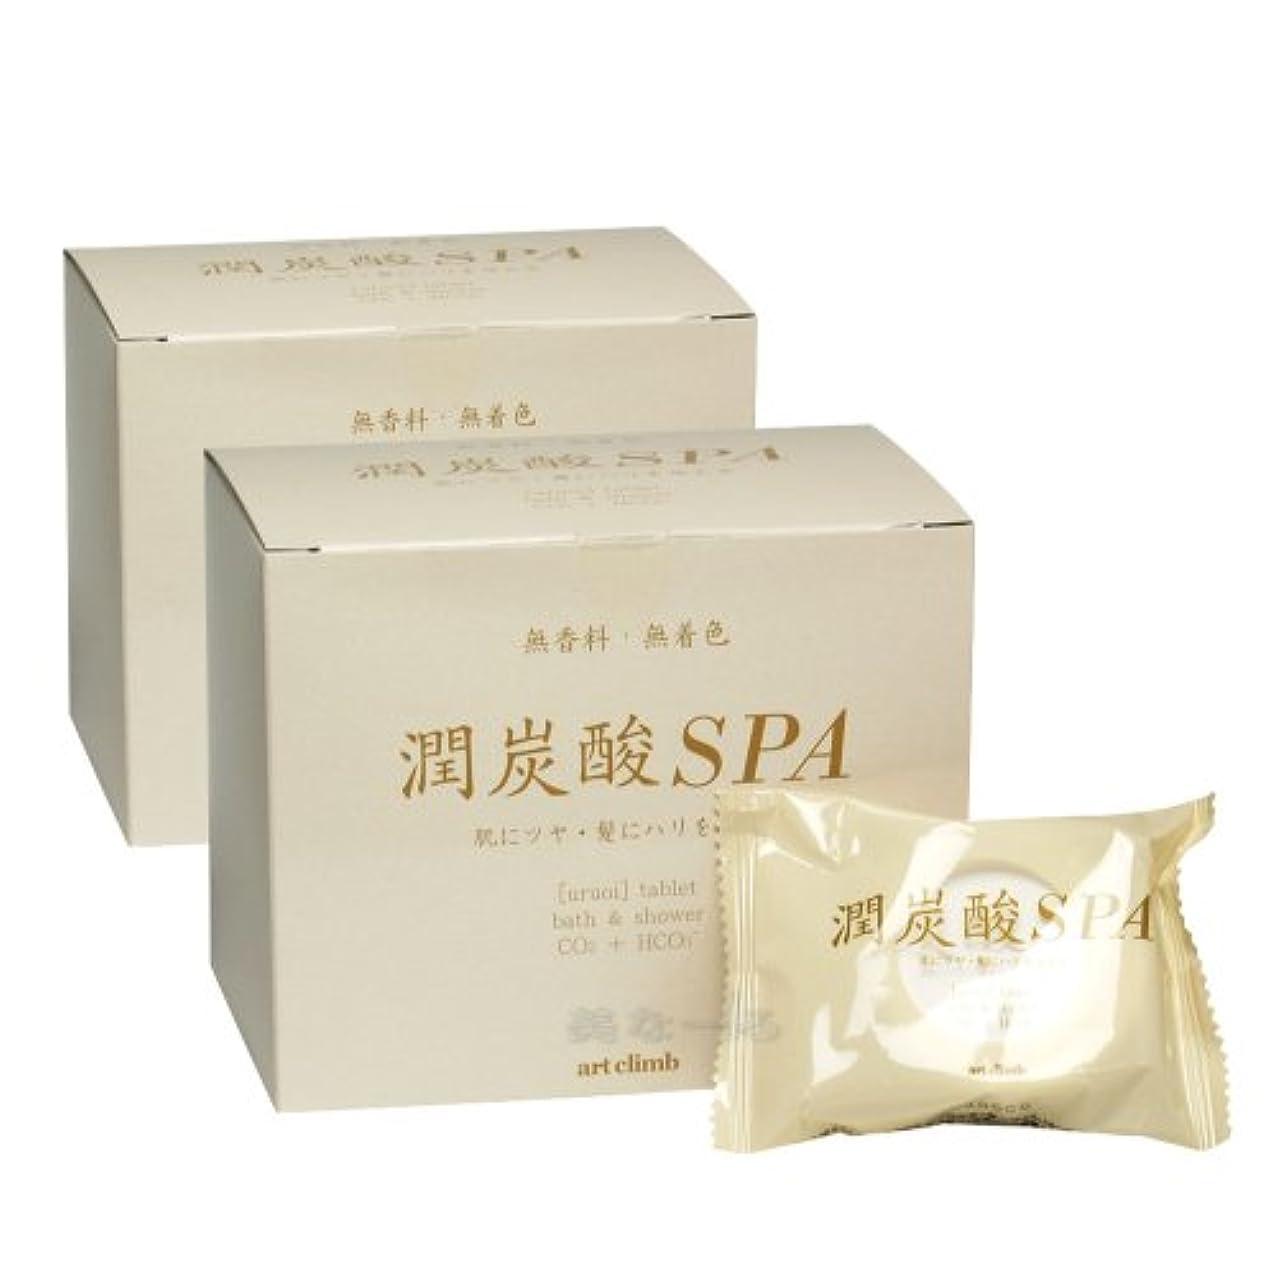 潤炭酸SPA BS (炭酸泉タブレット)60g×10錠入 2個セット